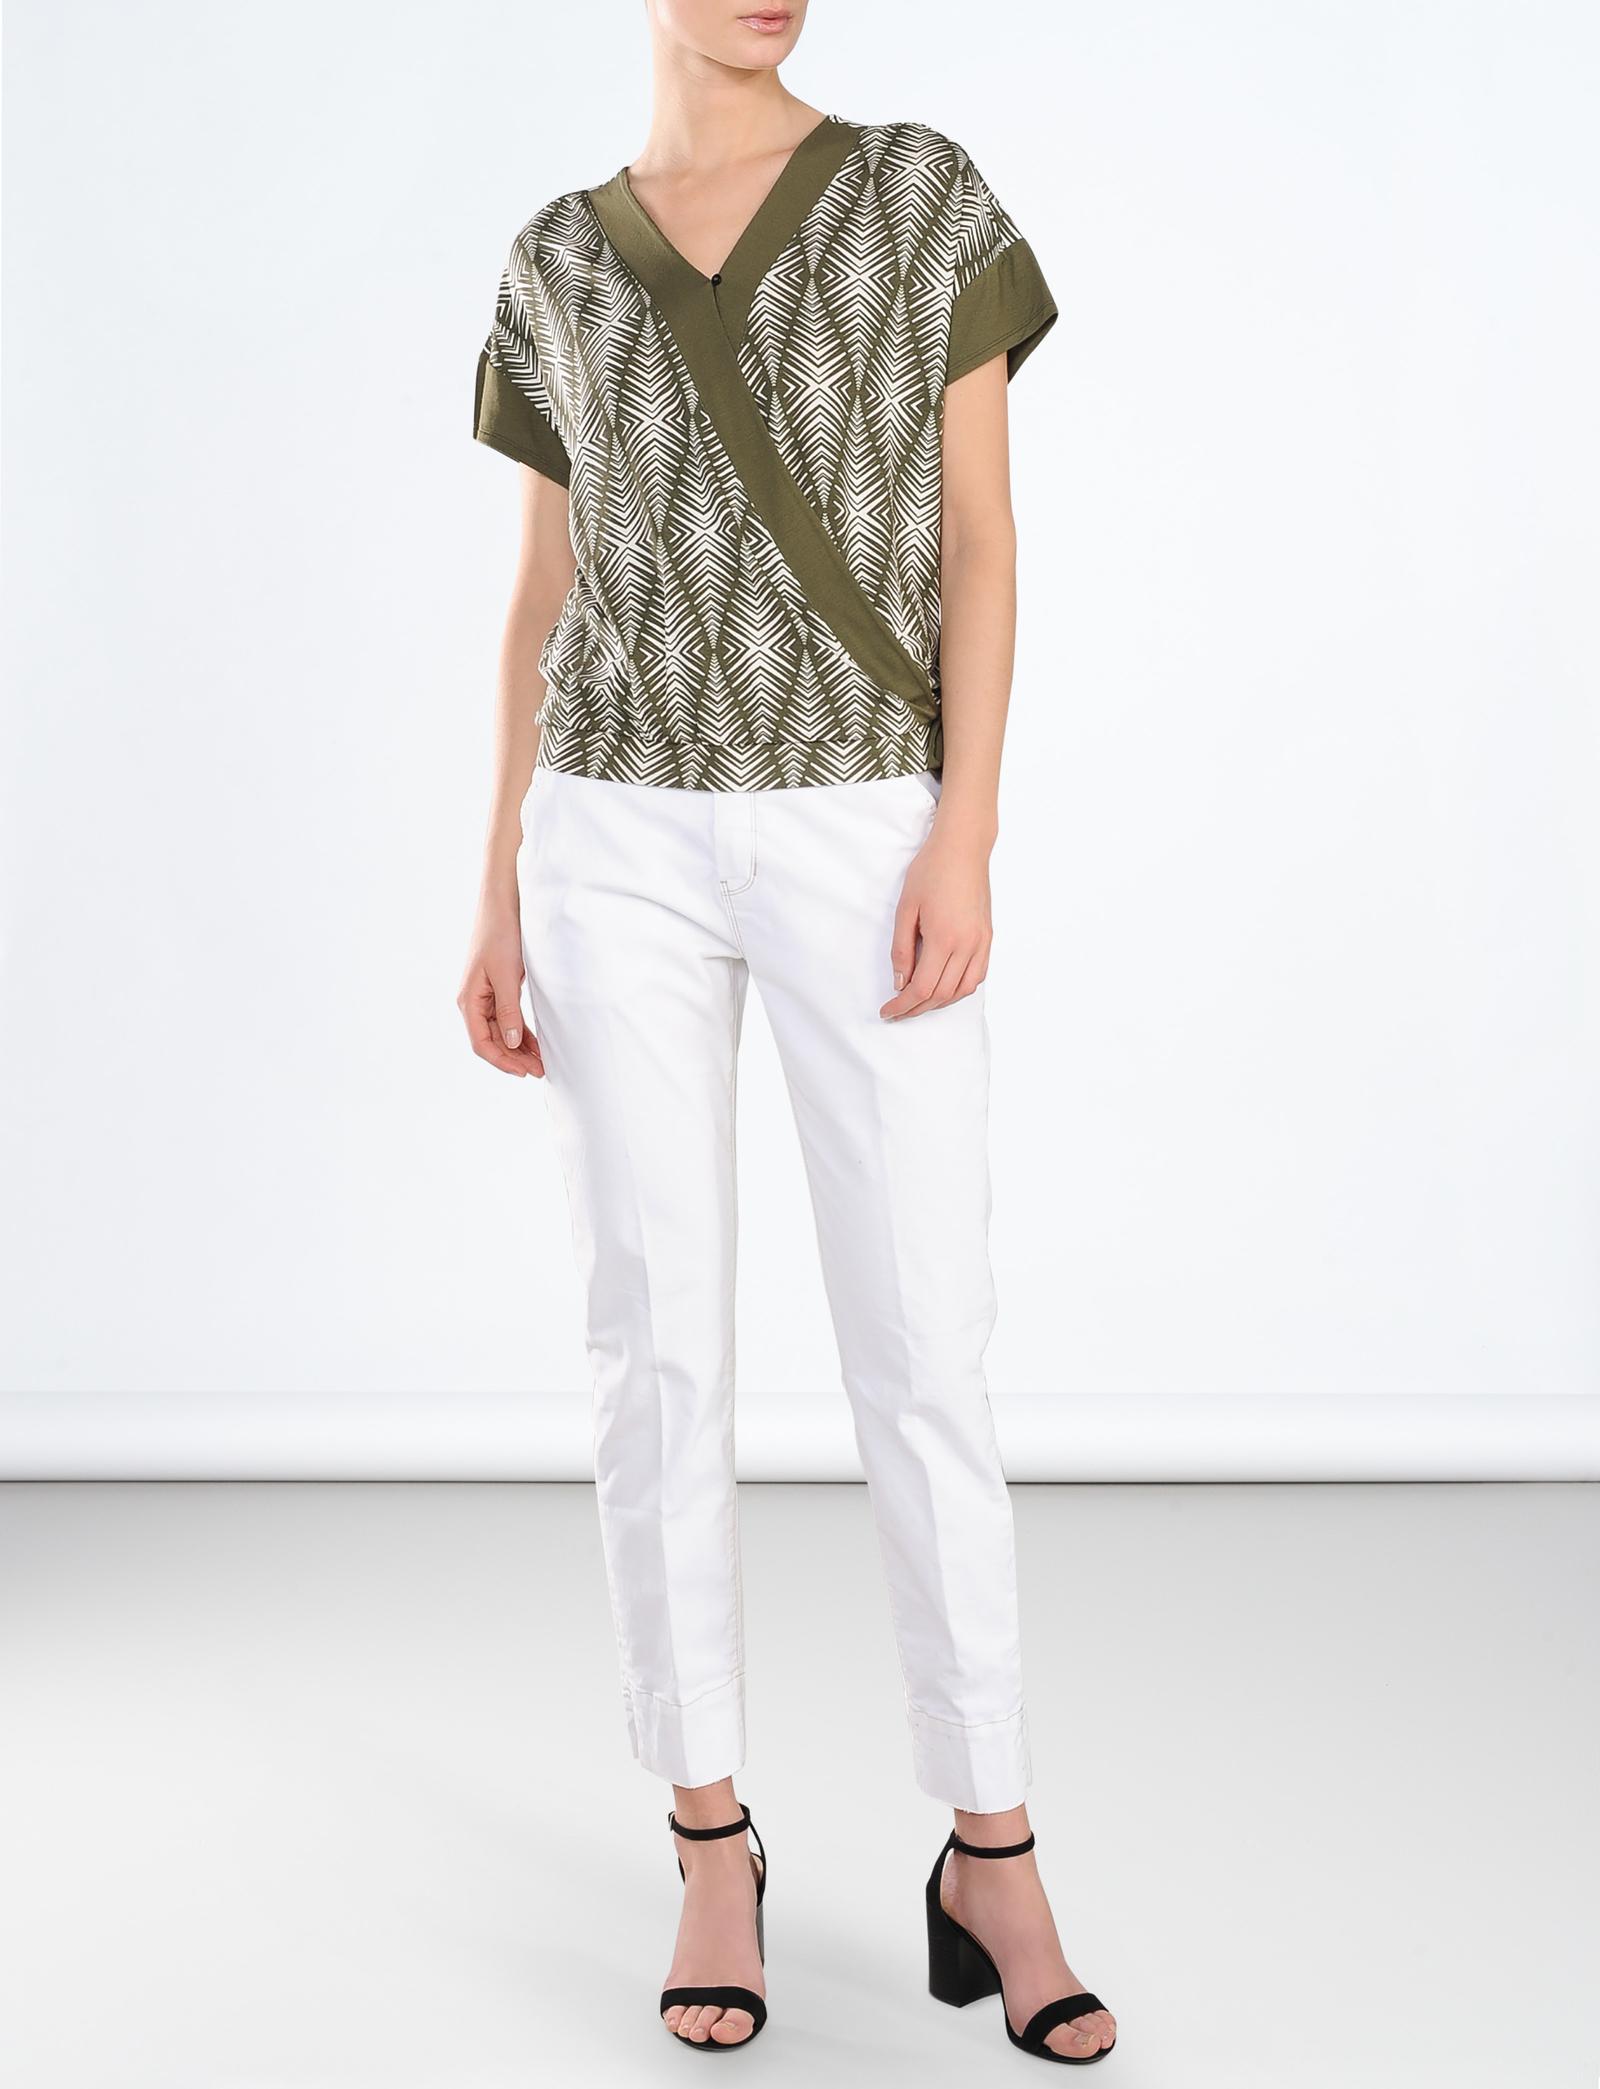 Summum Blue Daze Housut, White Denim Jeans Valkoinen